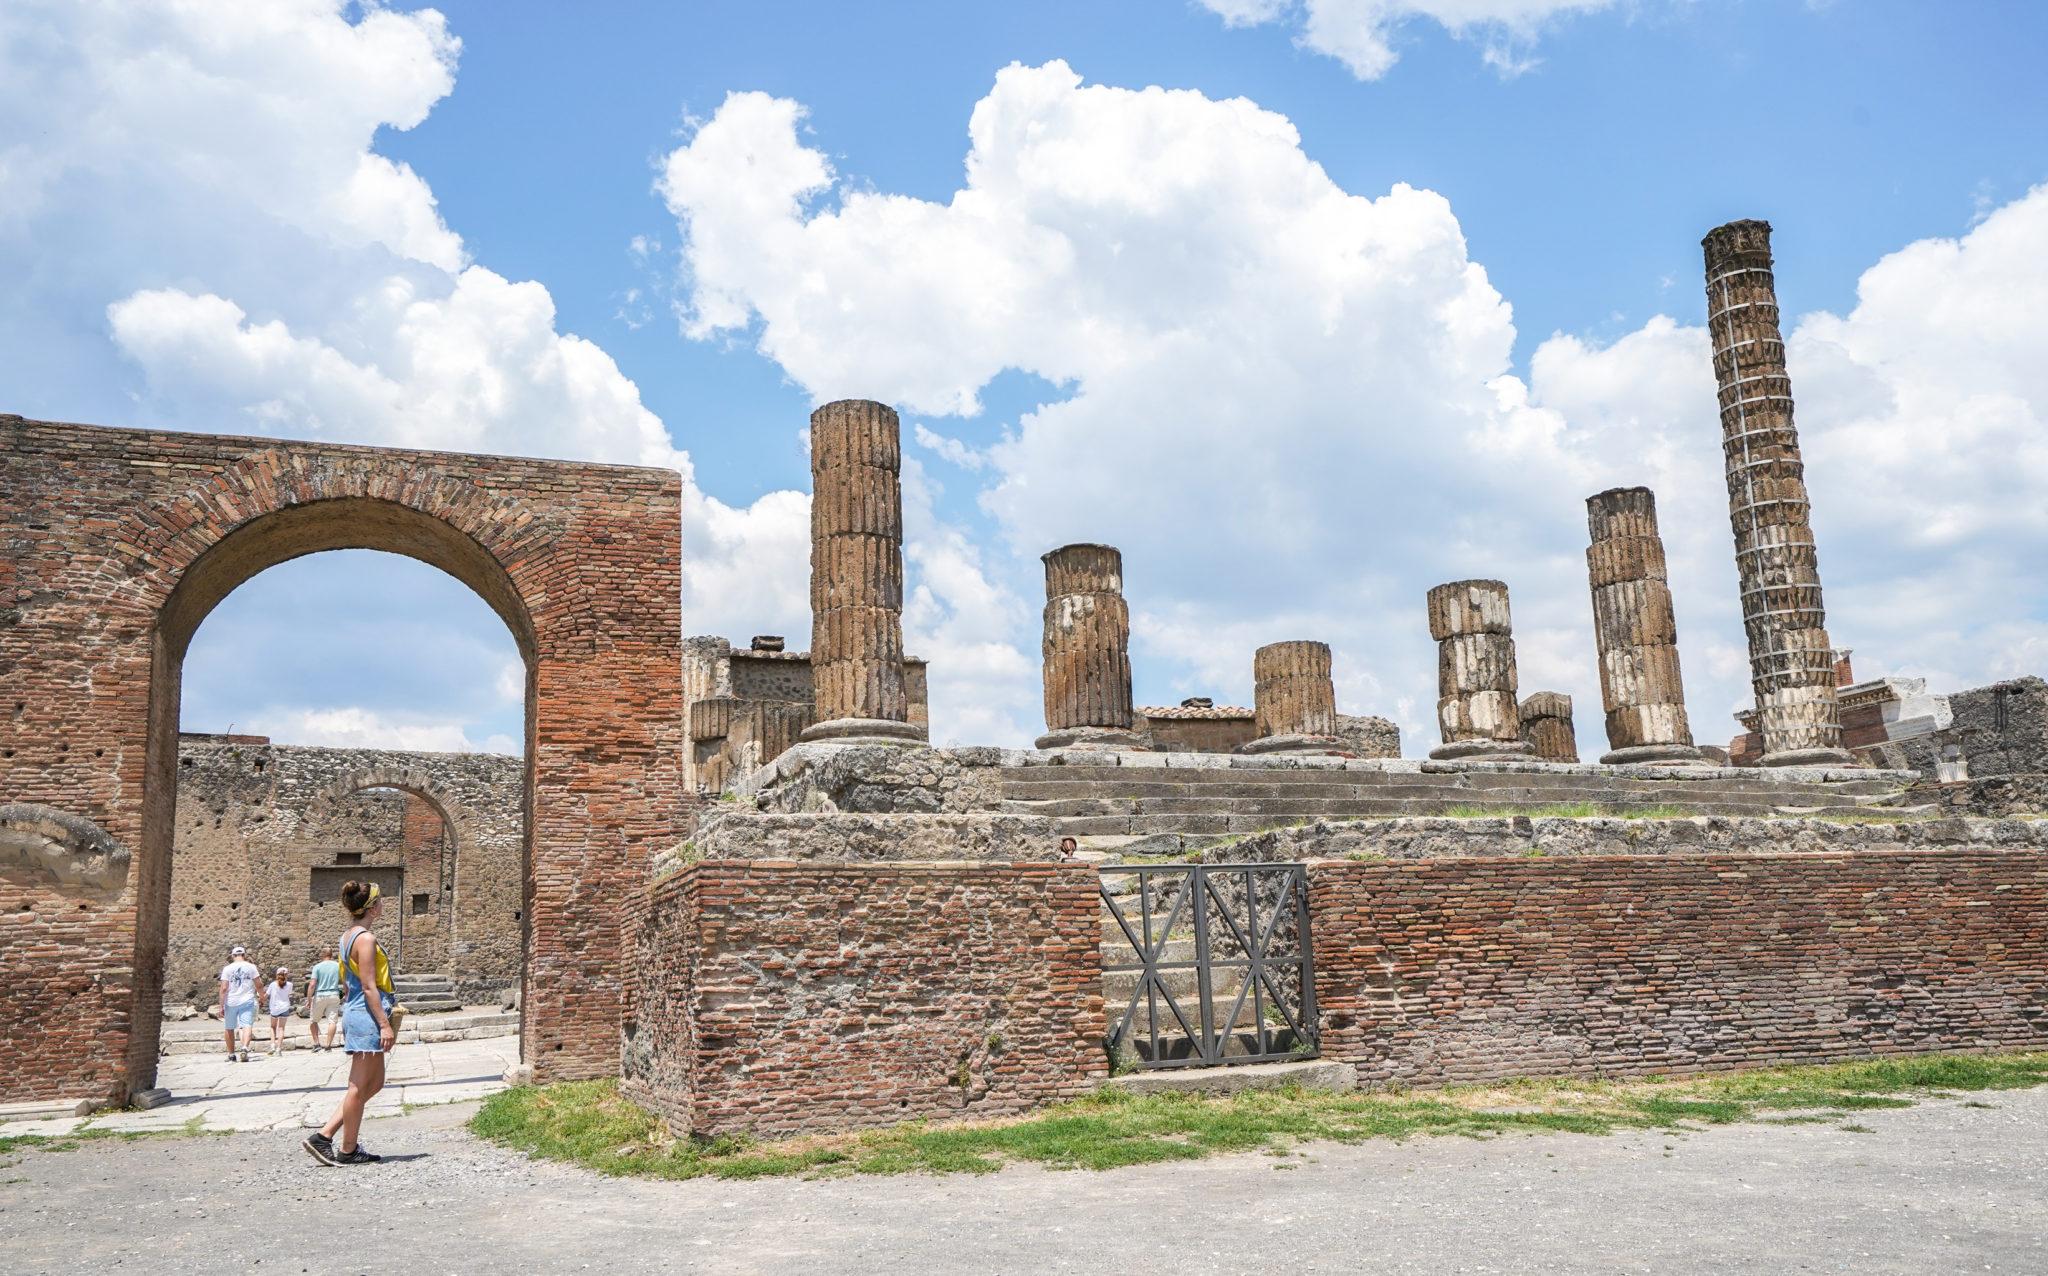 Visite-pompei-comment-forum-place-ruines